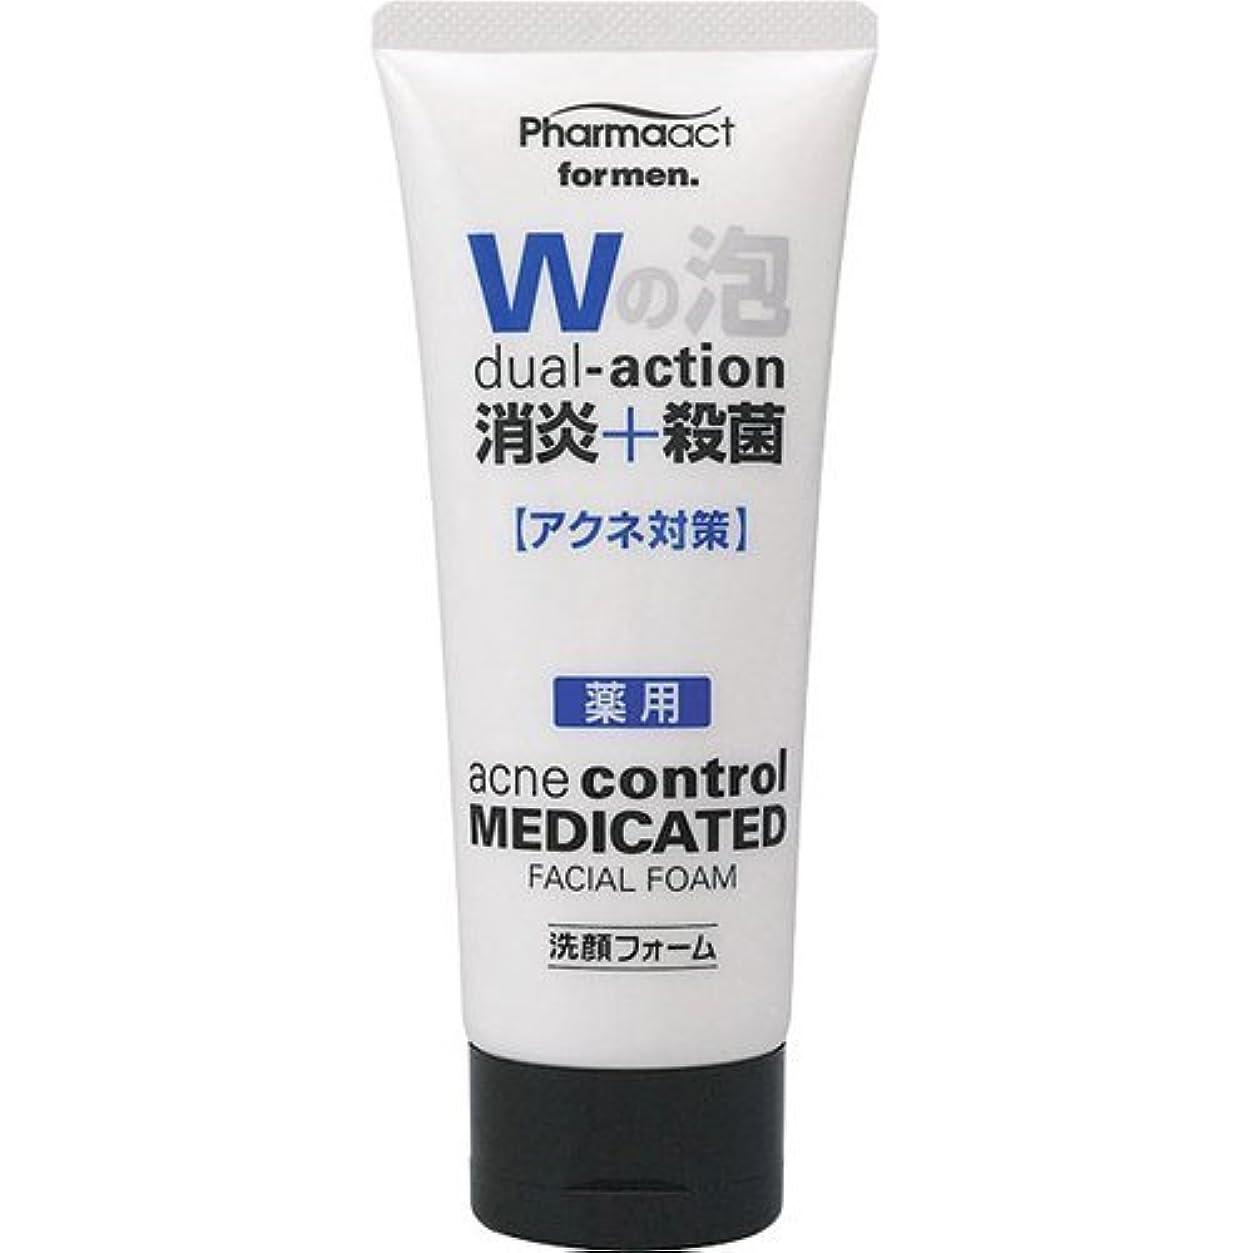 派生するほぼ意図ファーマアクト メンズ消炎+殺菌 薬用洗顔フォーム 130g